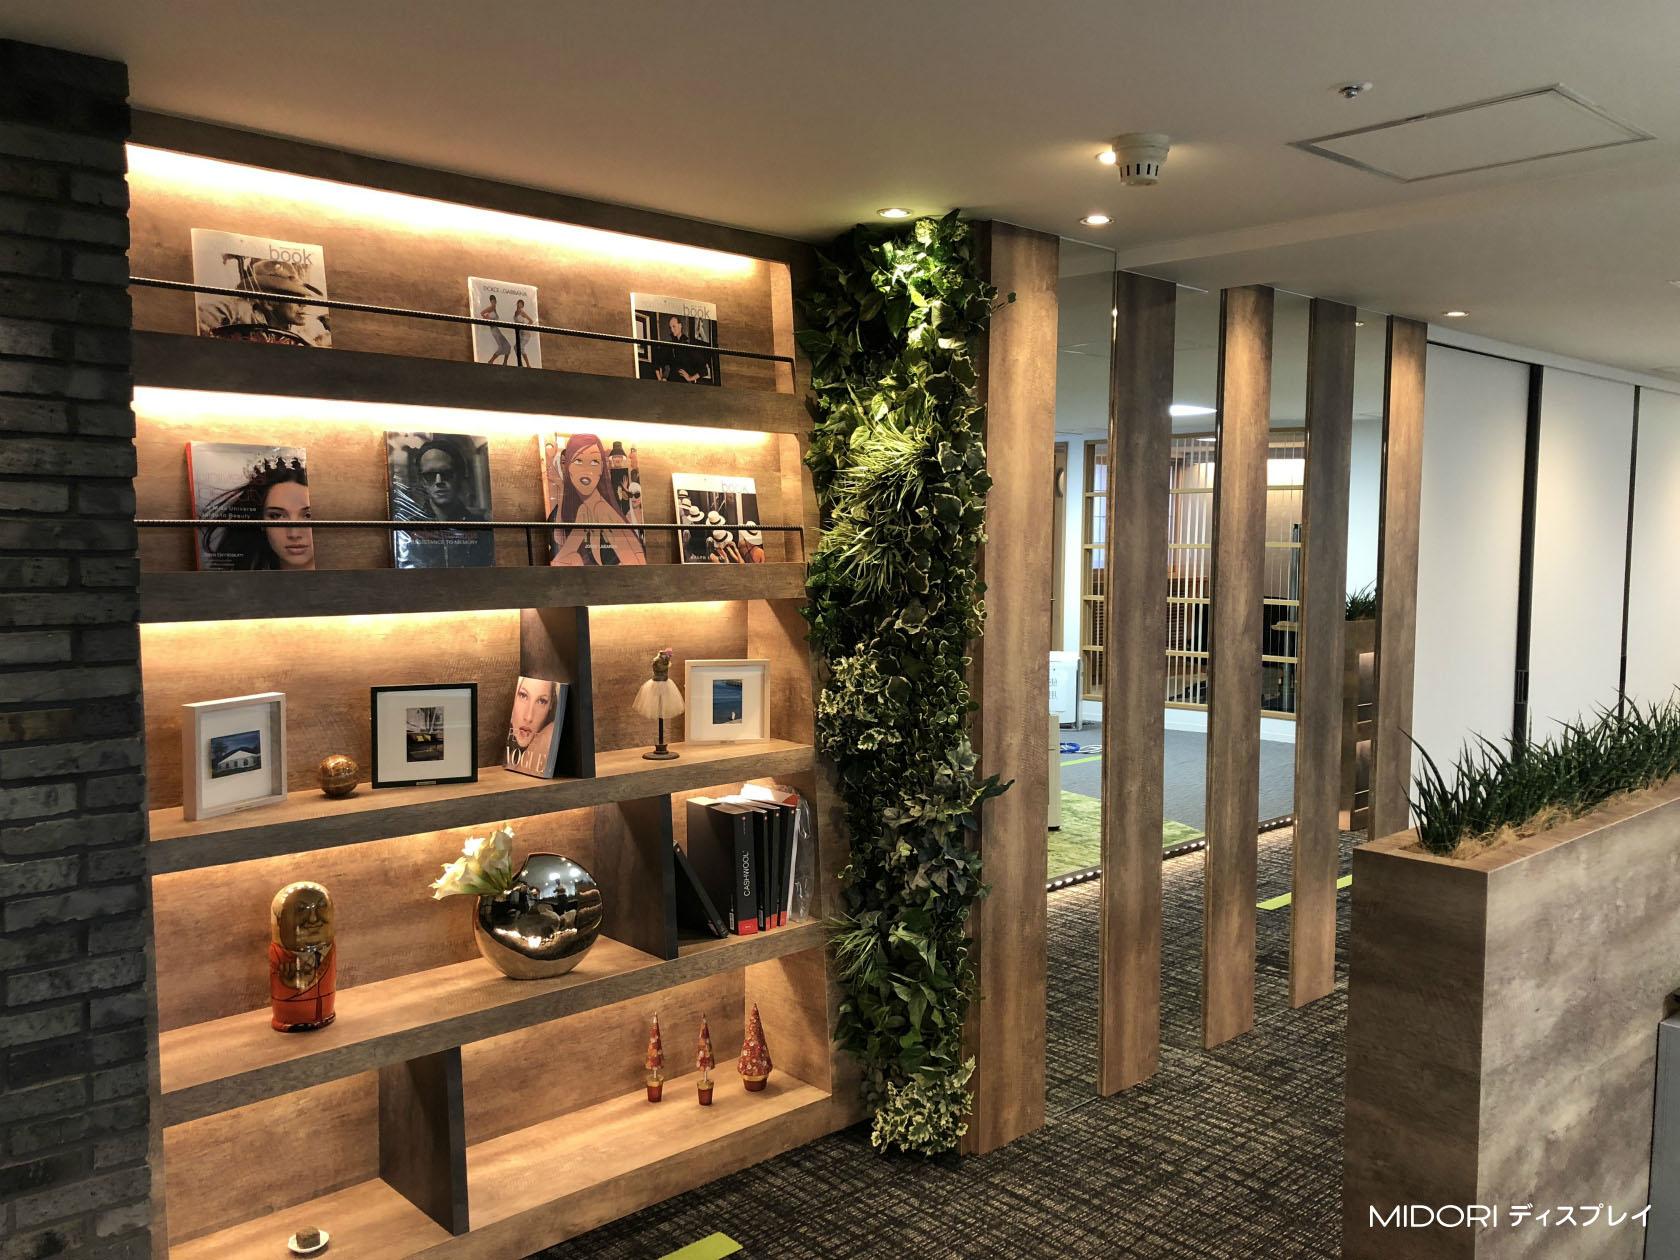 アート壁面緑化とリアル植栽によるオフィスの緑化